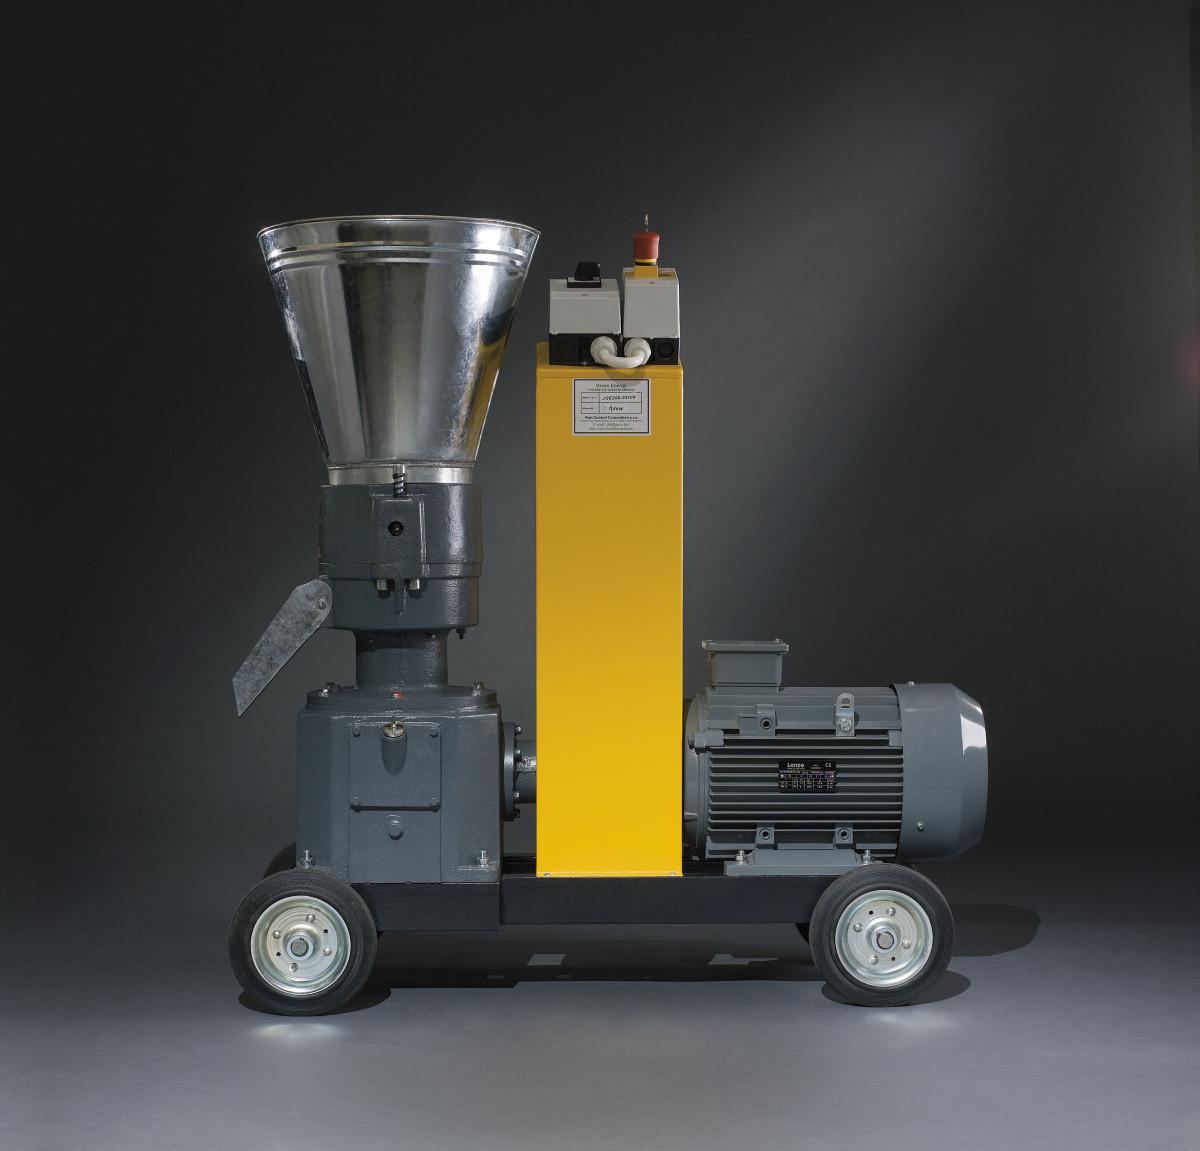 Производство пеллет: оборудование, станки, гранулятор, пресс, линия, технология, бизнес план изготовления пеллет в домашних условиях своими руками